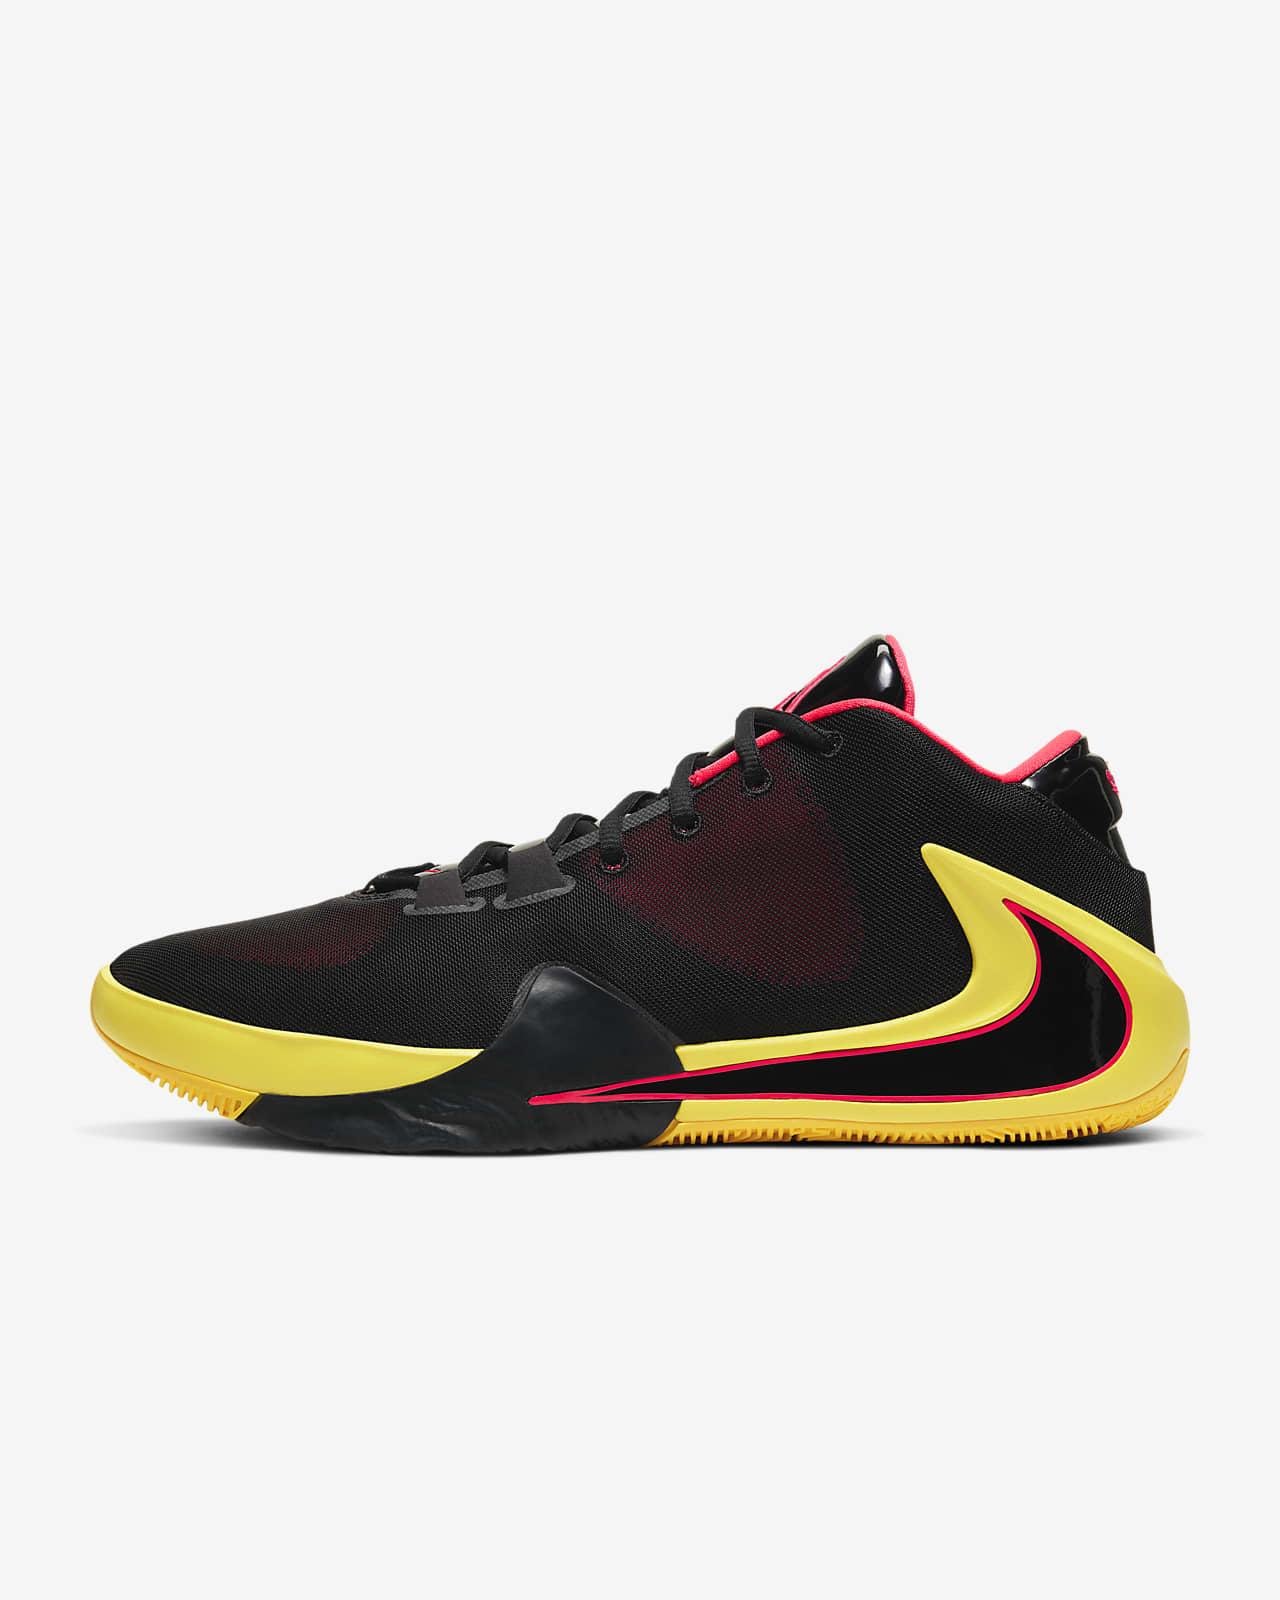 Zoom Freak 1 Soul Glo 籃球鞋